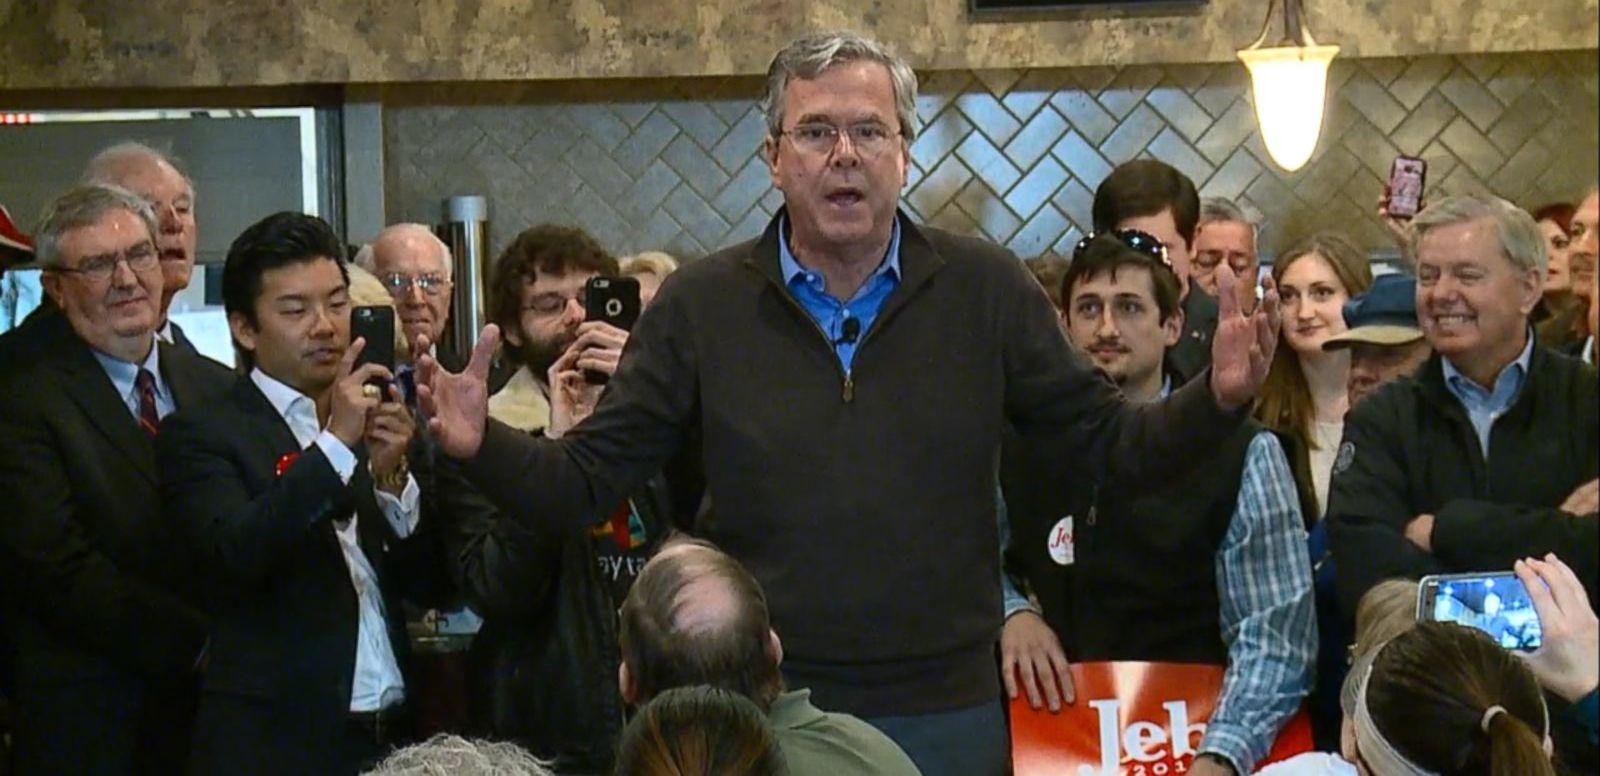 VIDEO: Jeb Bush on Trail Talking About Trump